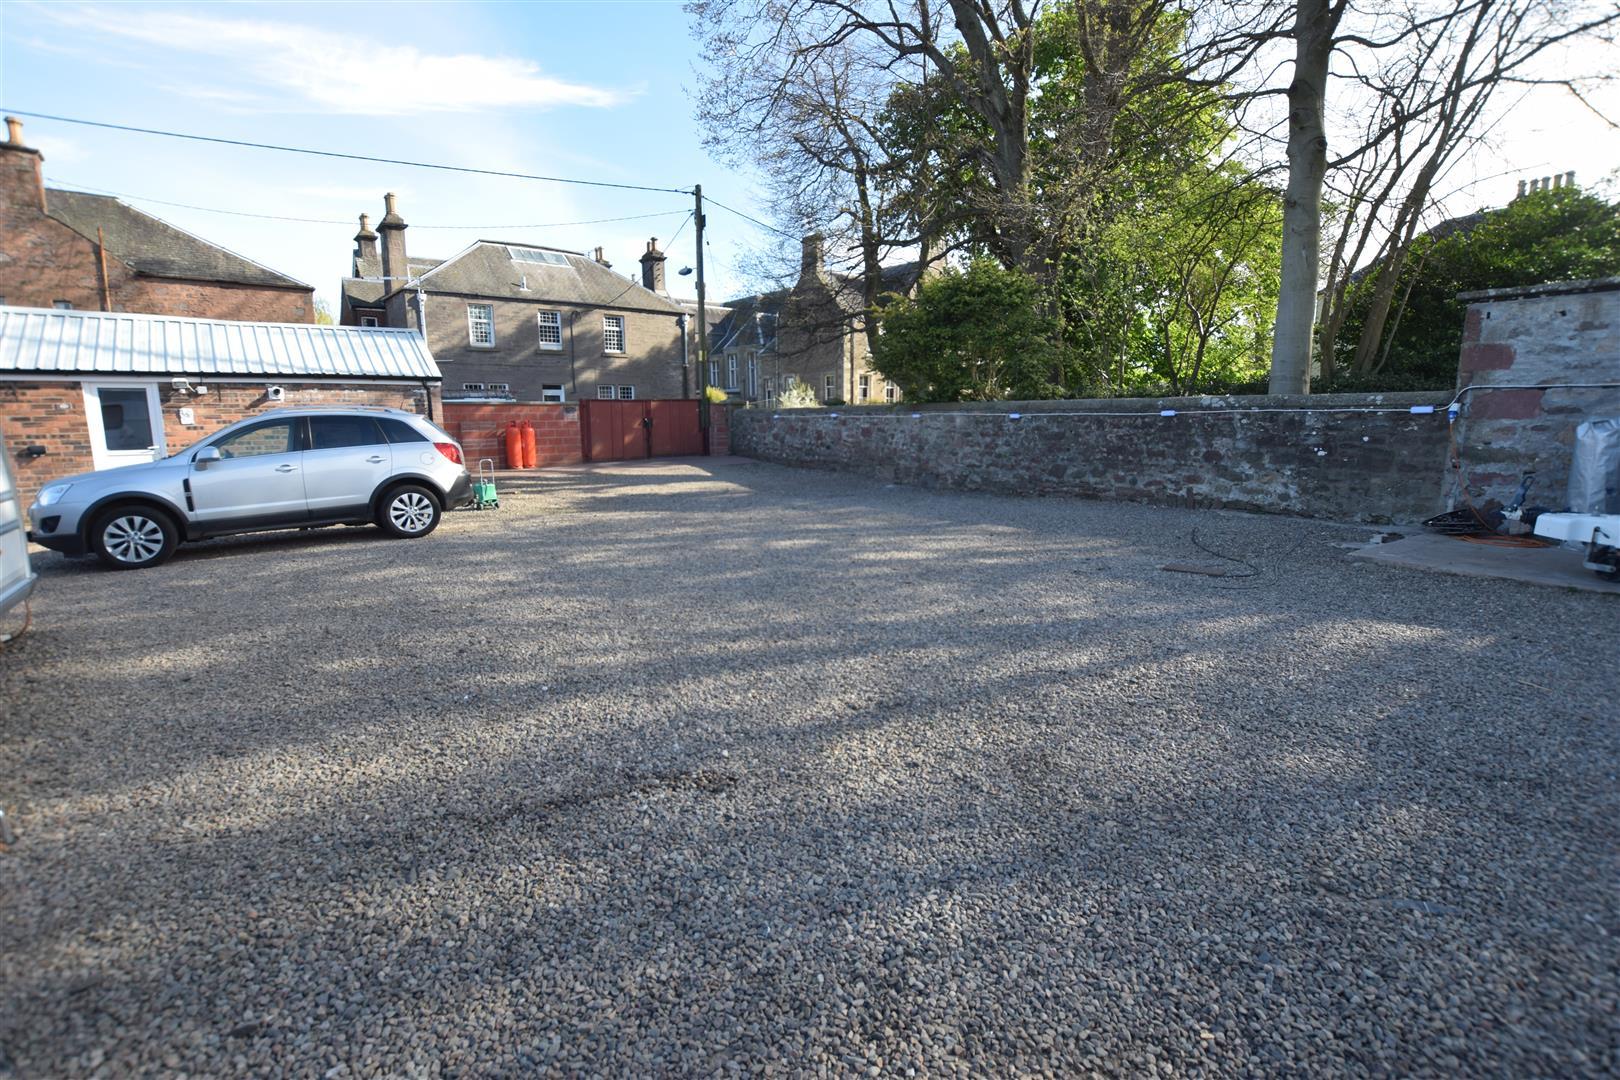 Plot, Calton Street, Coupar Angus, Blairgowrie, Perthshire, PH13 9BJ, UK